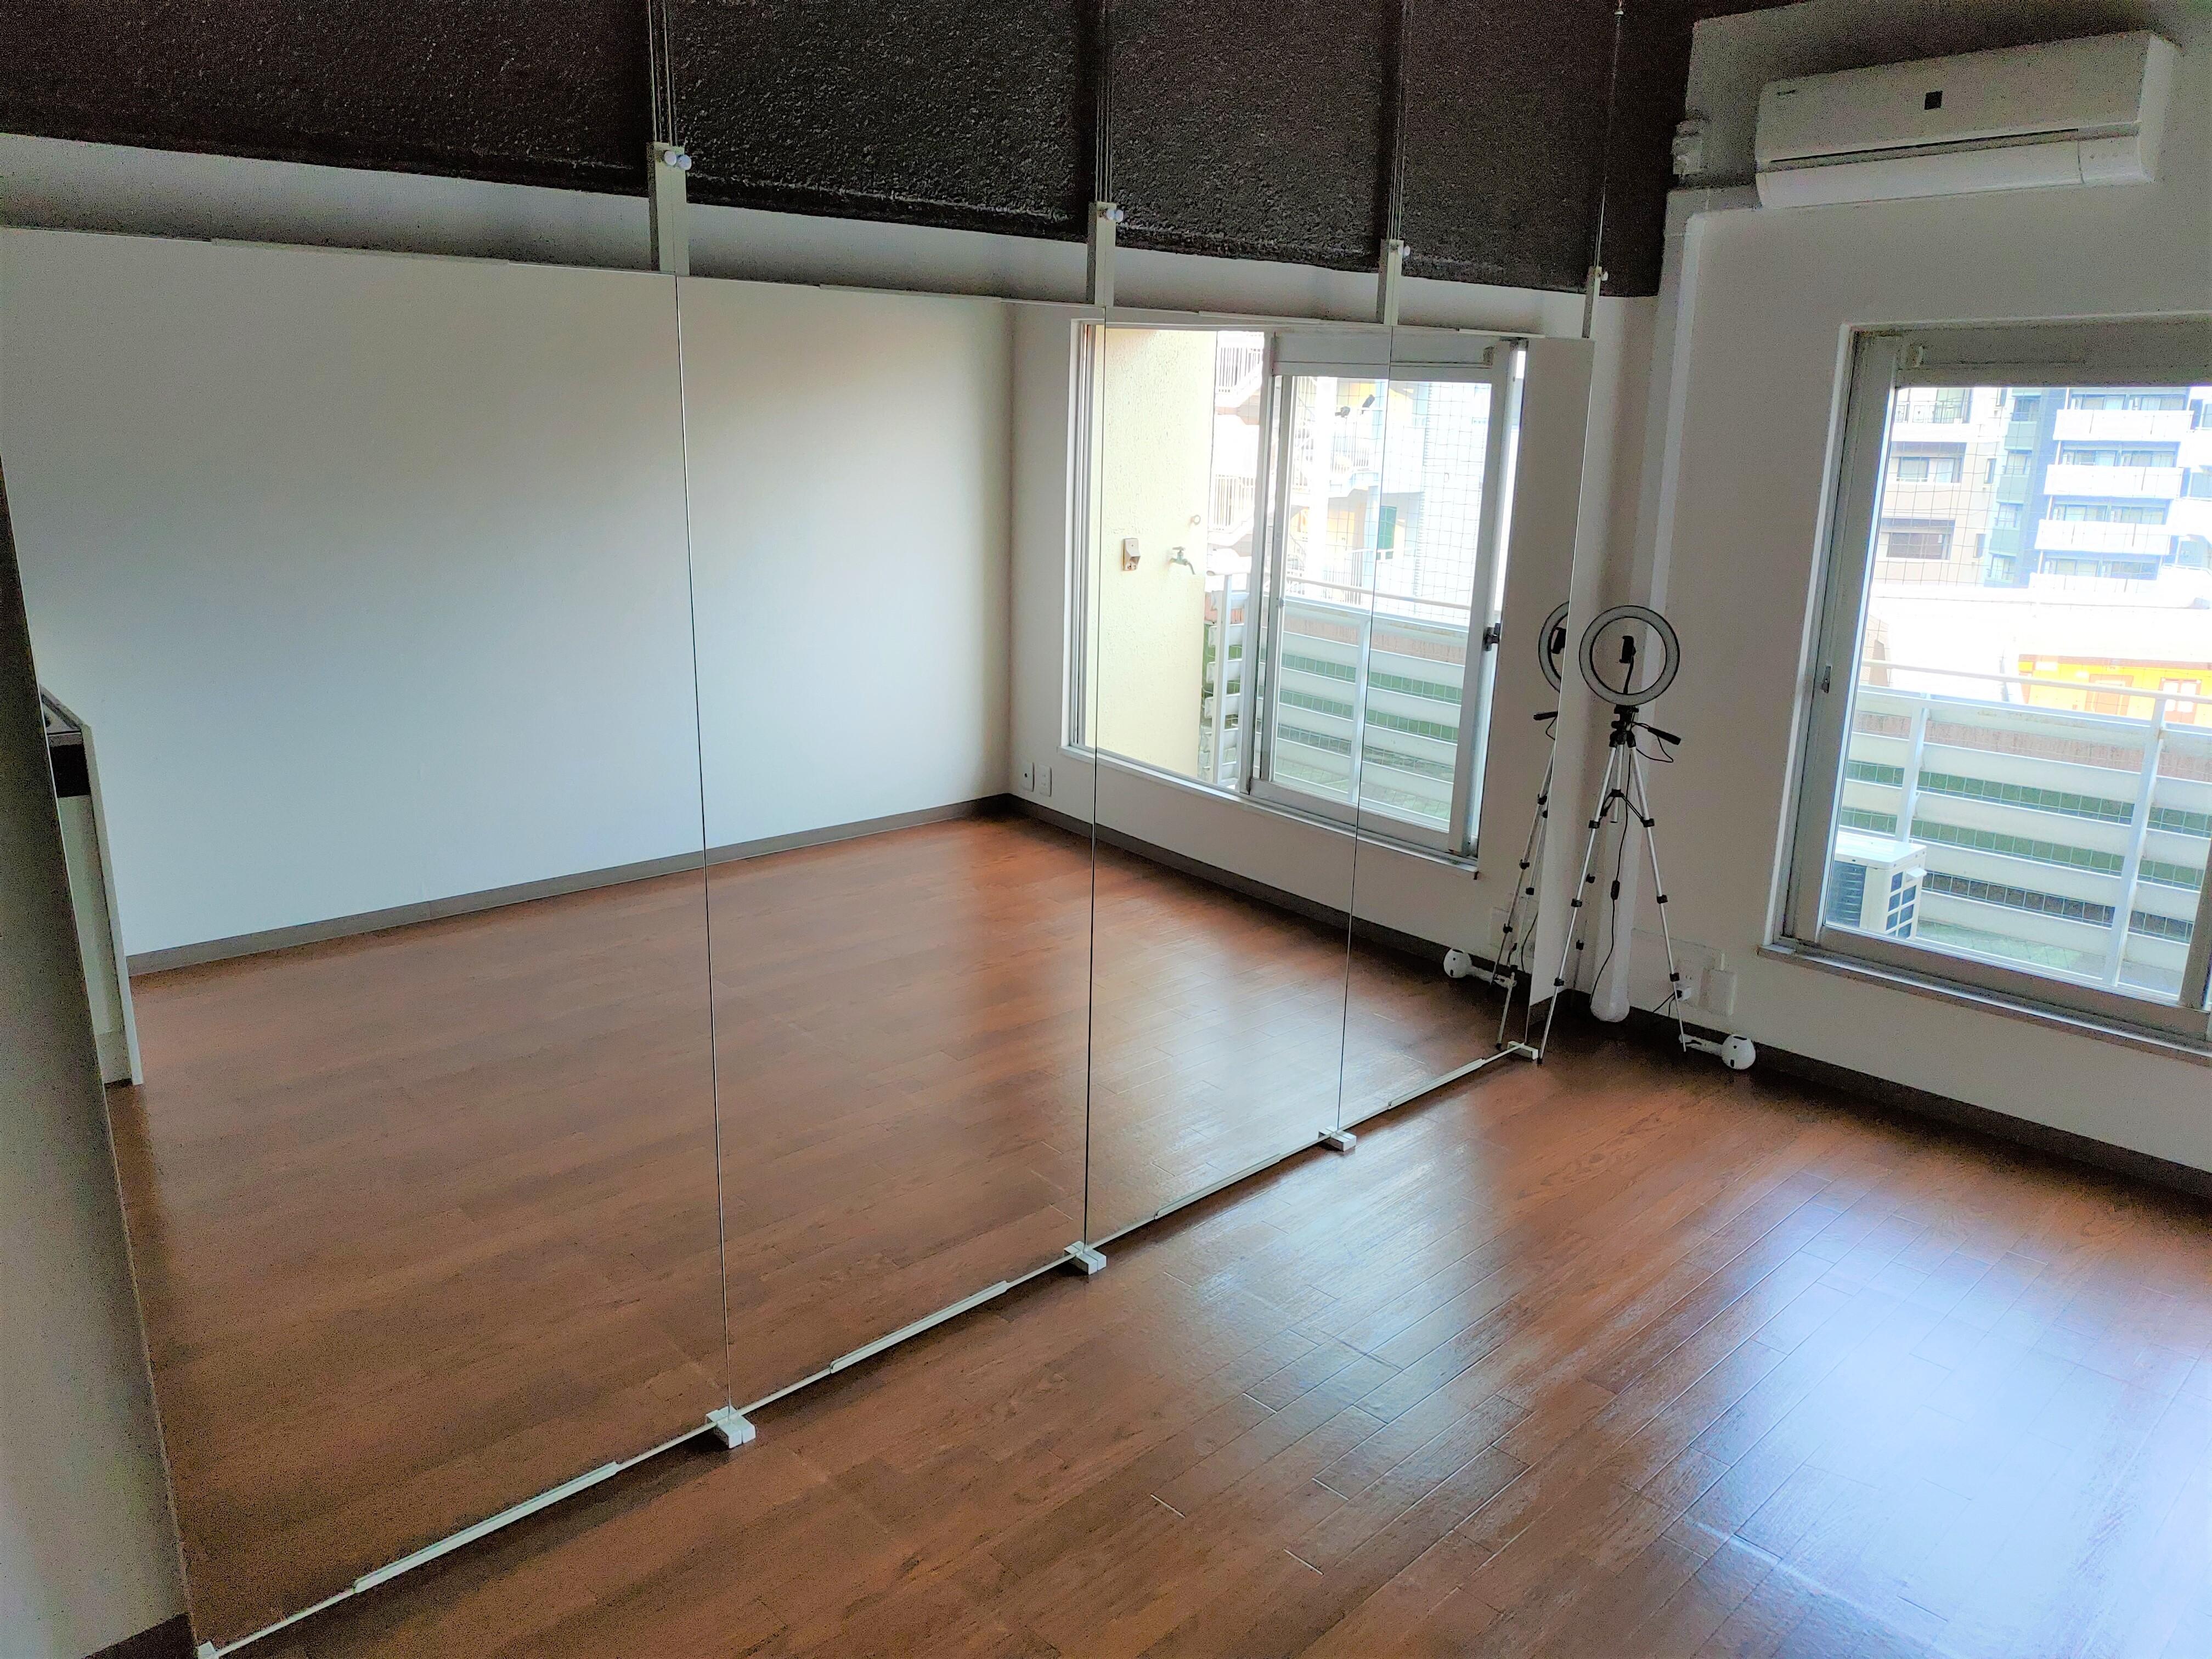 室内の写真です。全身鏡がお出迎えします。 - ひのまるスタジオ天神 大丸前多目的レンタルスタジオの室内の写真